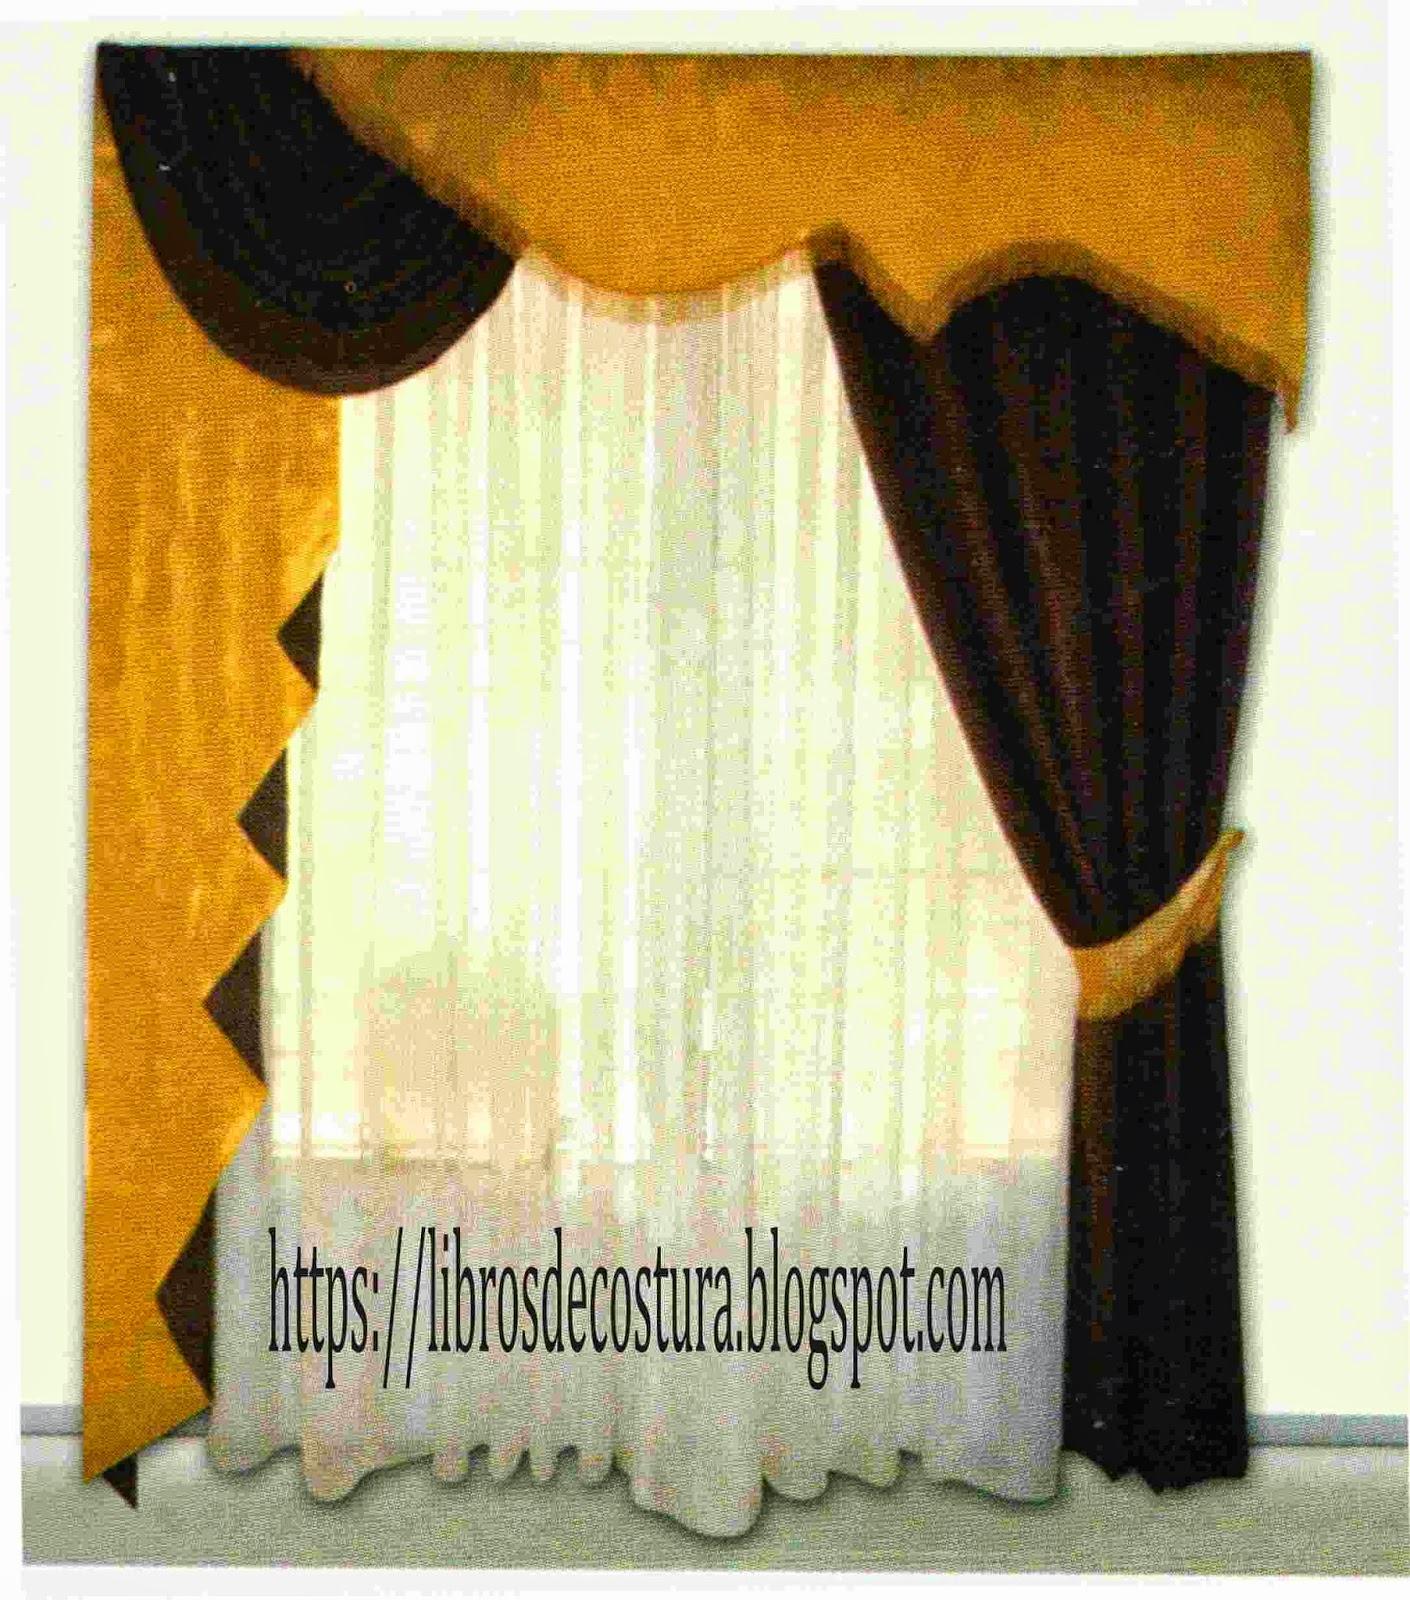 Libros de costura como hacer cortinas paso a paso for Lo ultimo en cortinas para dormitorios